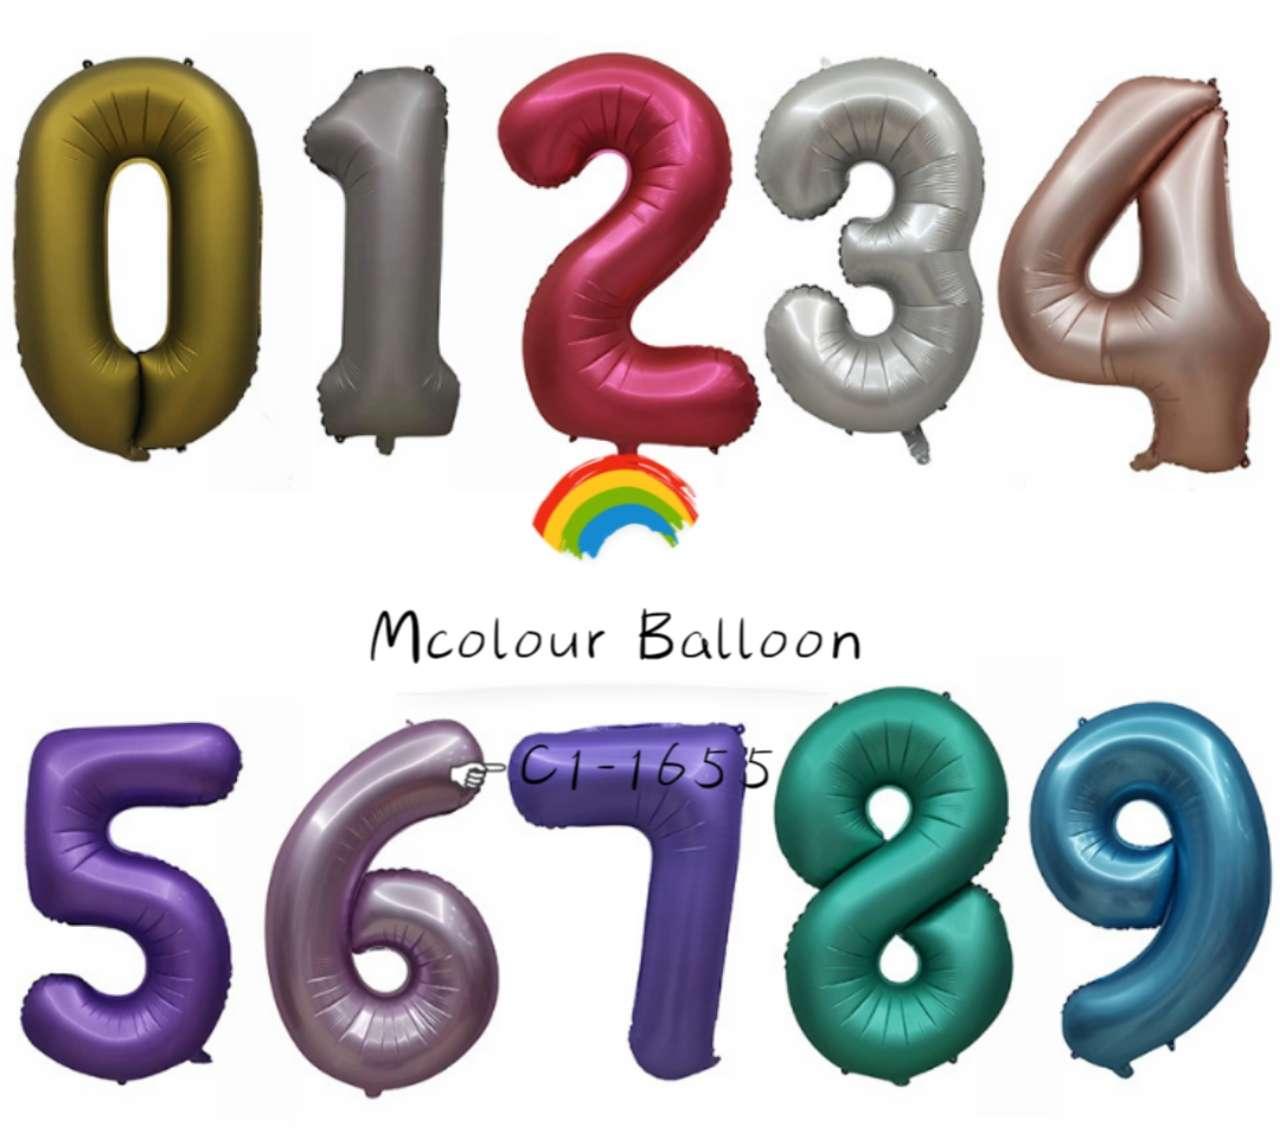 32寸中号金属色亚光数字铝膜气球派对装饰生日用品